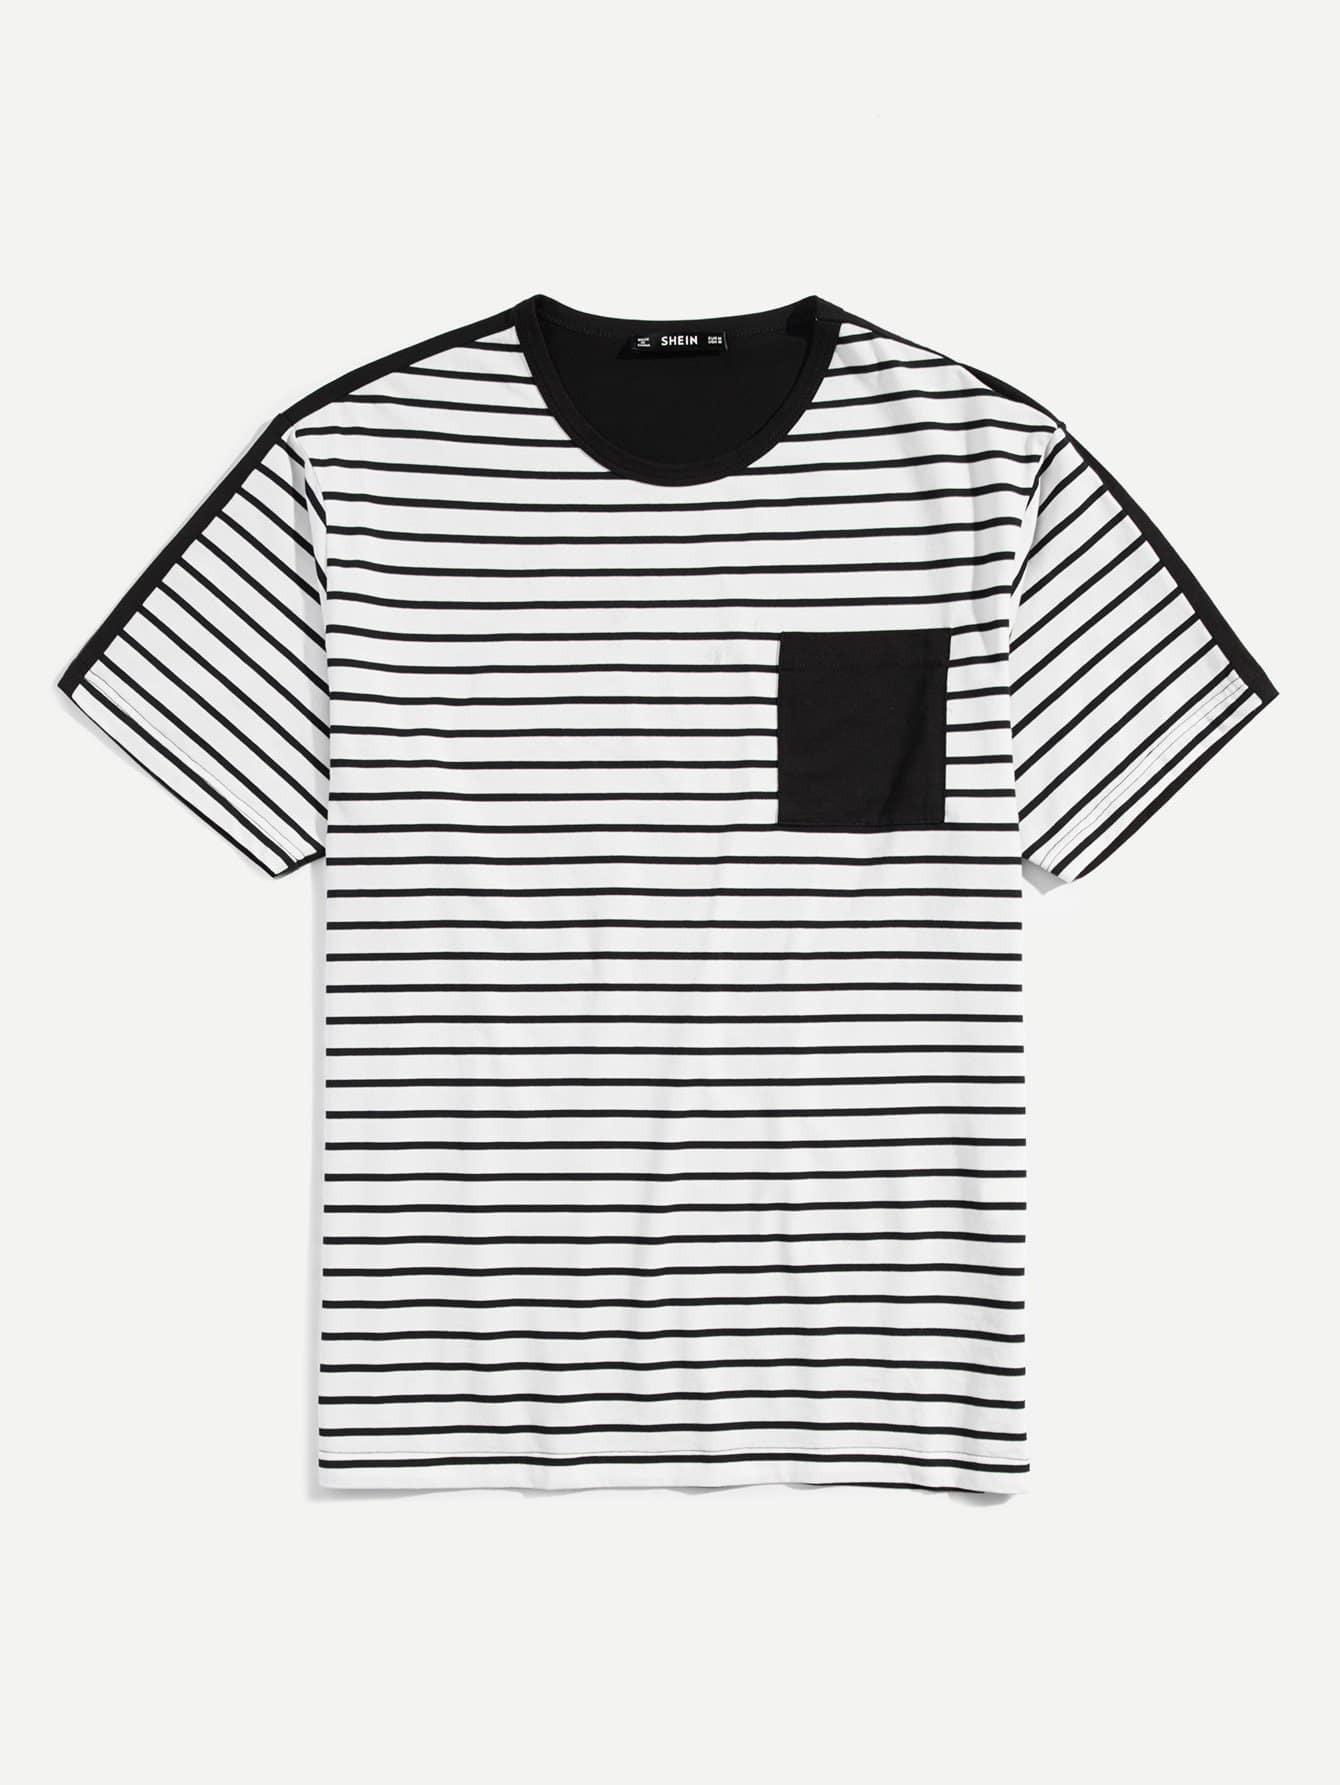 Купить Мужская футболка с двумя полосками, null, SheIn